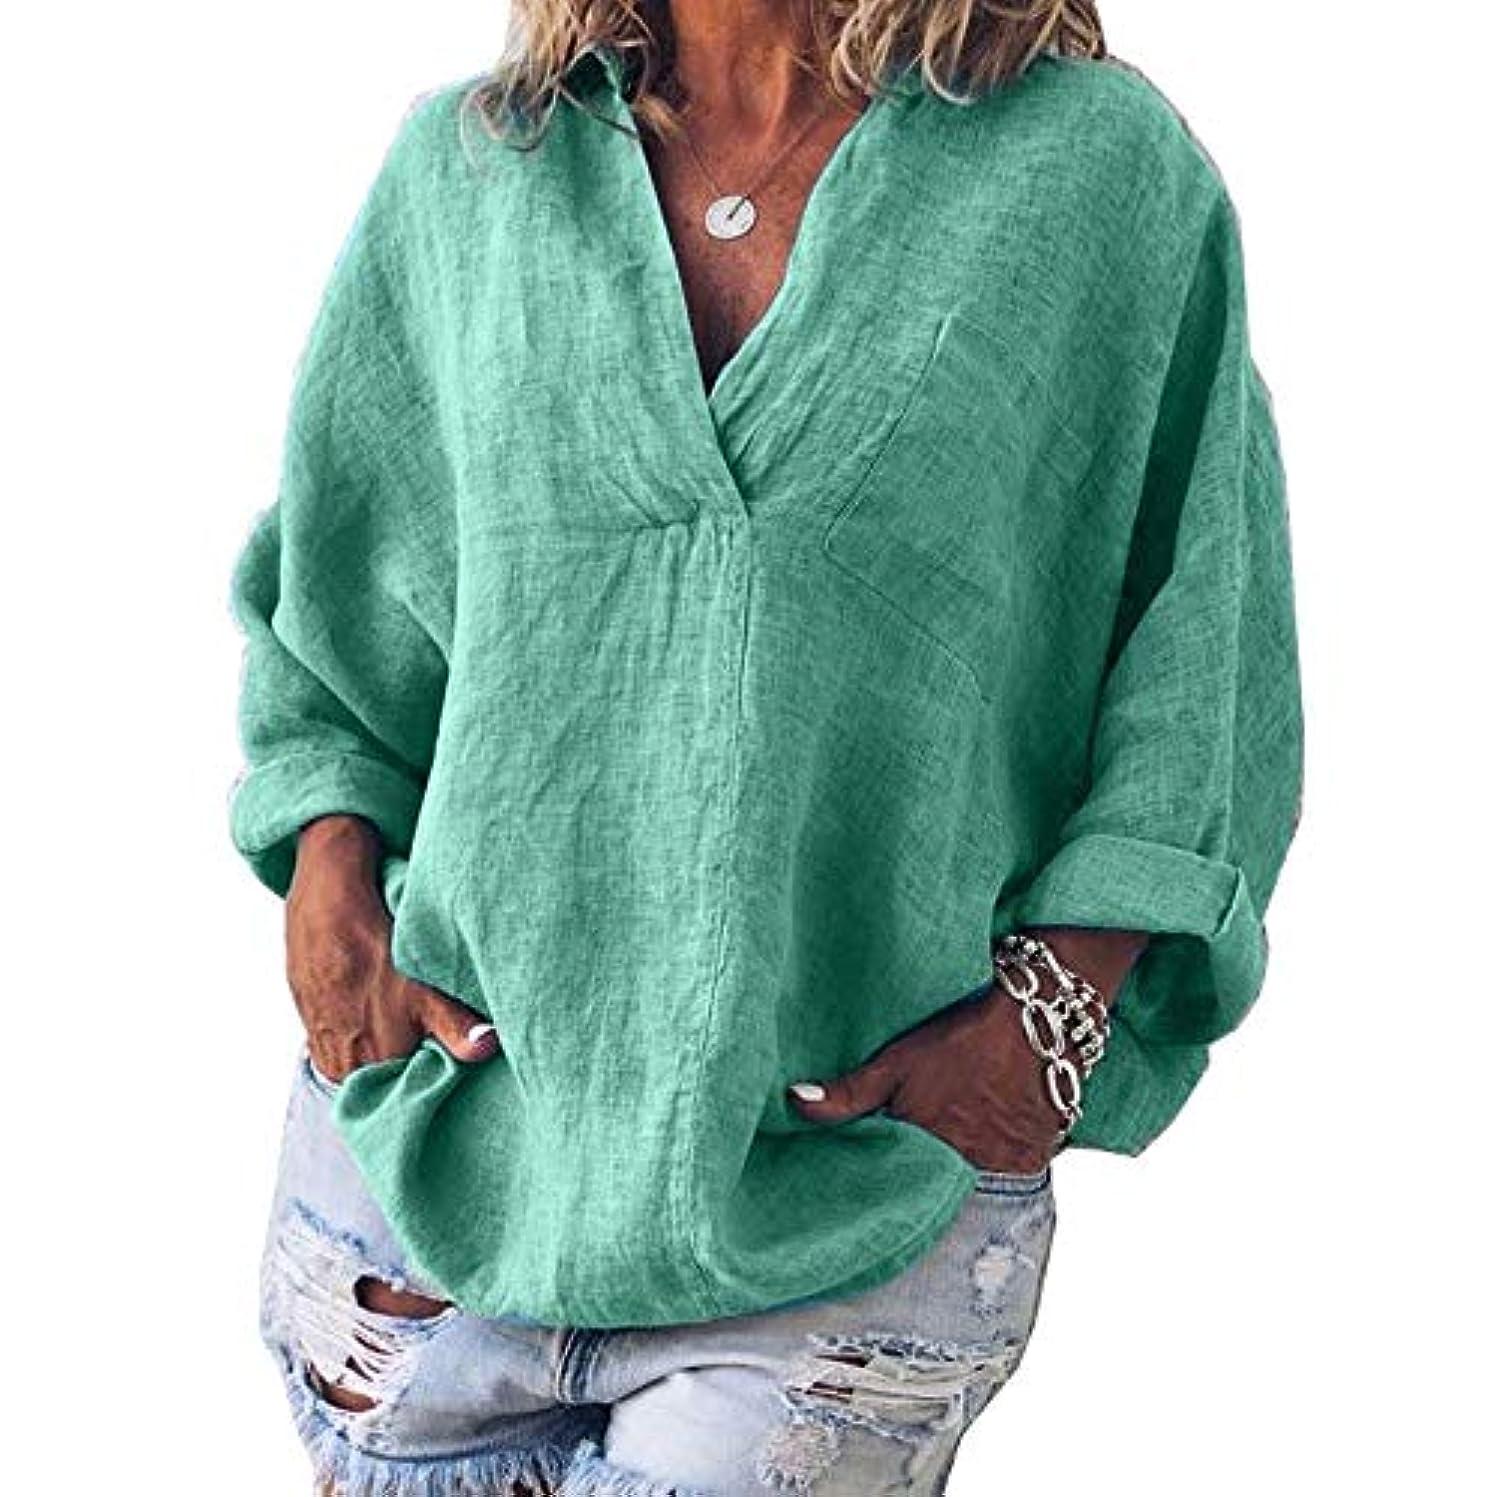 掘るスーパー困惑したMIFAN女性ファッション春夏チュニックトップス深いVネックTシャツ長袖プルオーバールーズリネンブラウス